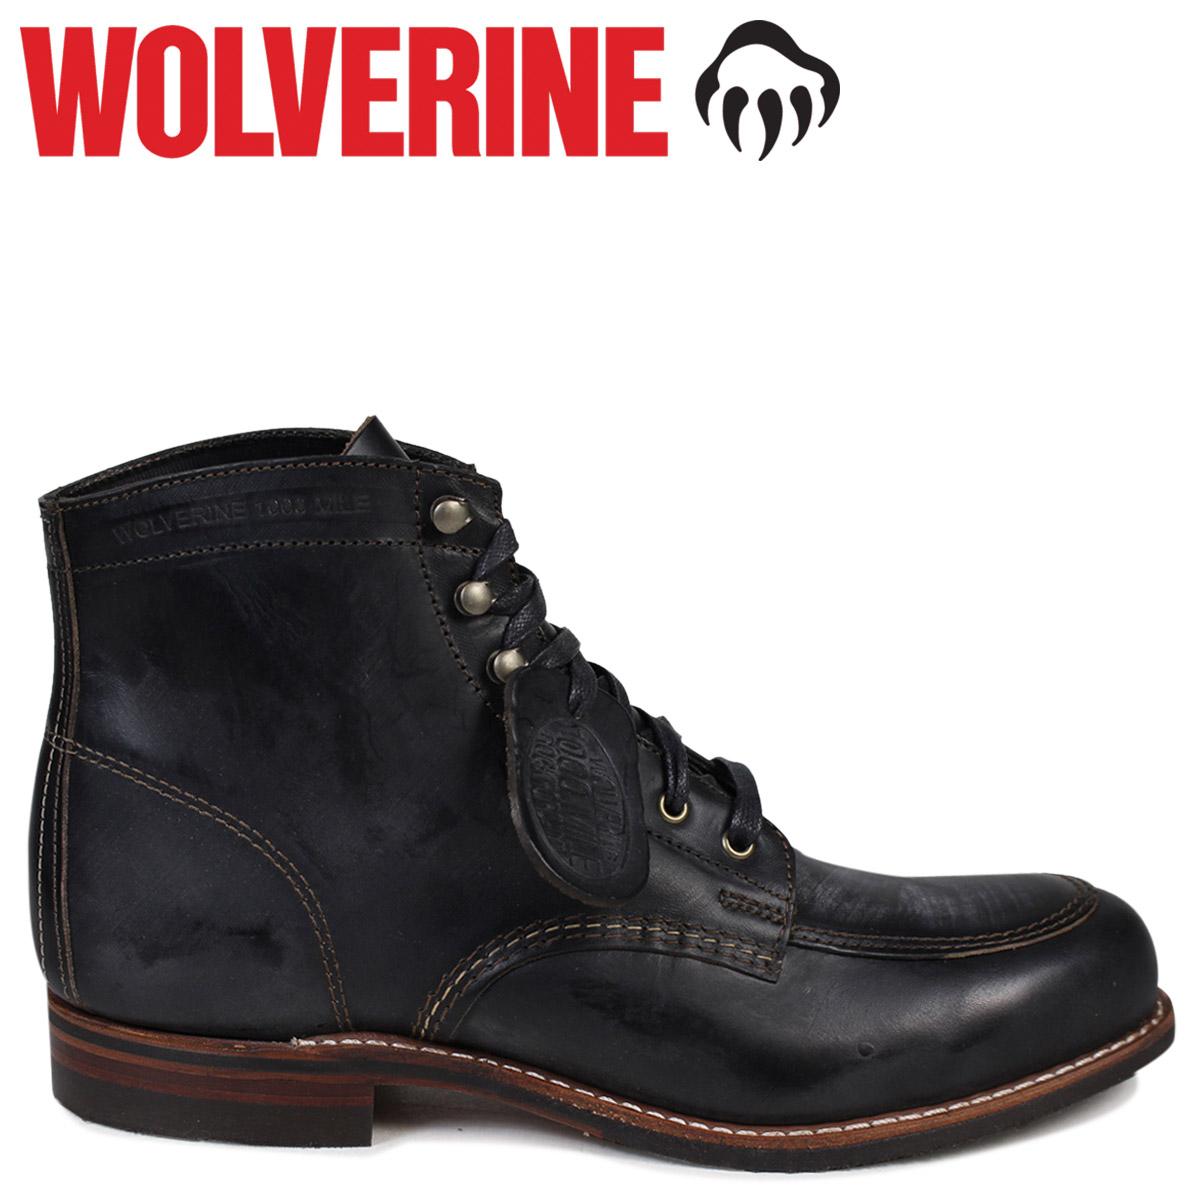 WOLVERINE 1000マイル ブーツ ウルヴァリン 1000MILE ワークブーツ COURTLAND BOOT Dワイズ W00279 ブラック